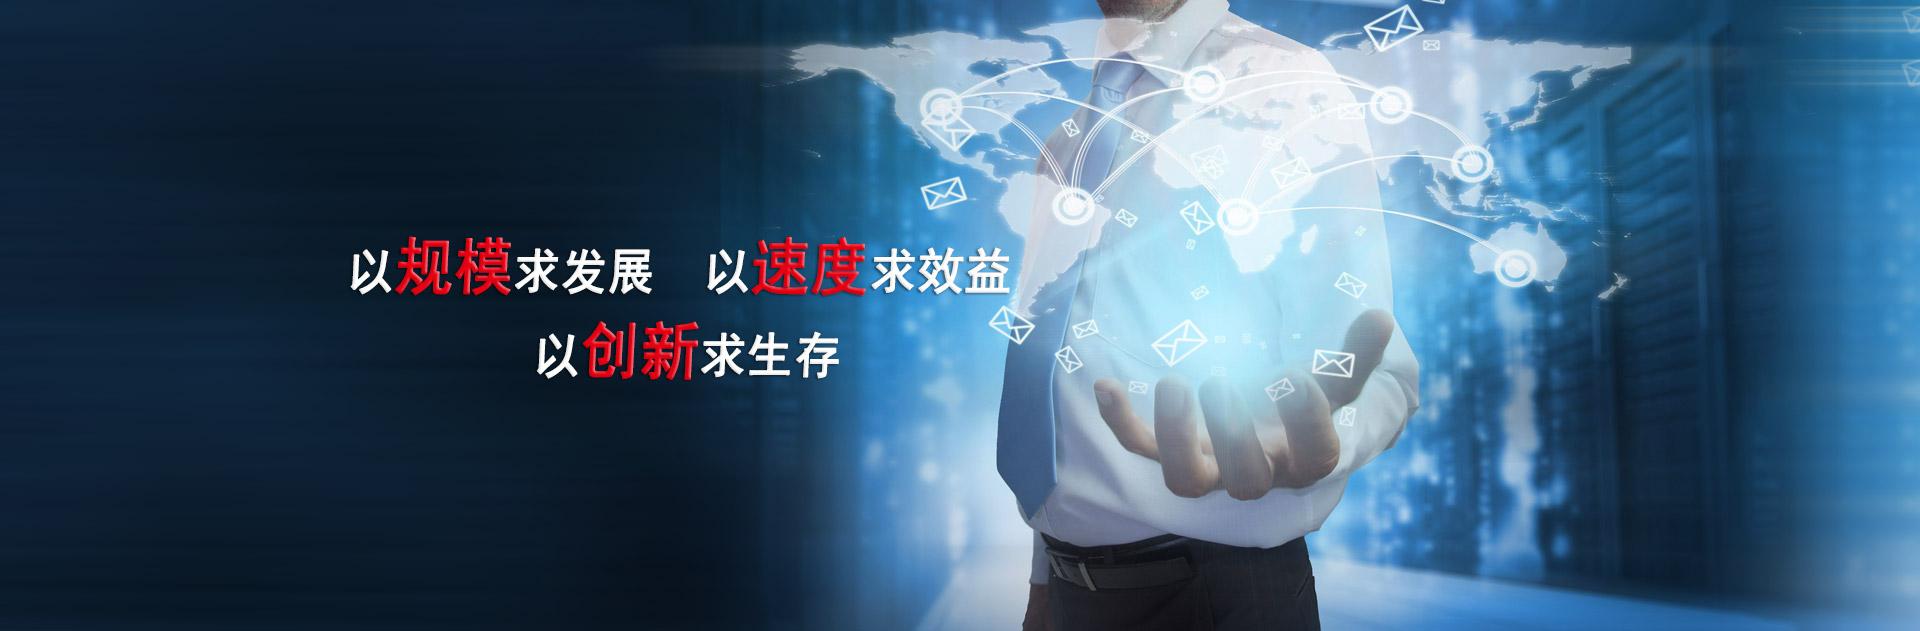 鞍山龙8国际pt娱乐国际贸易有限公司